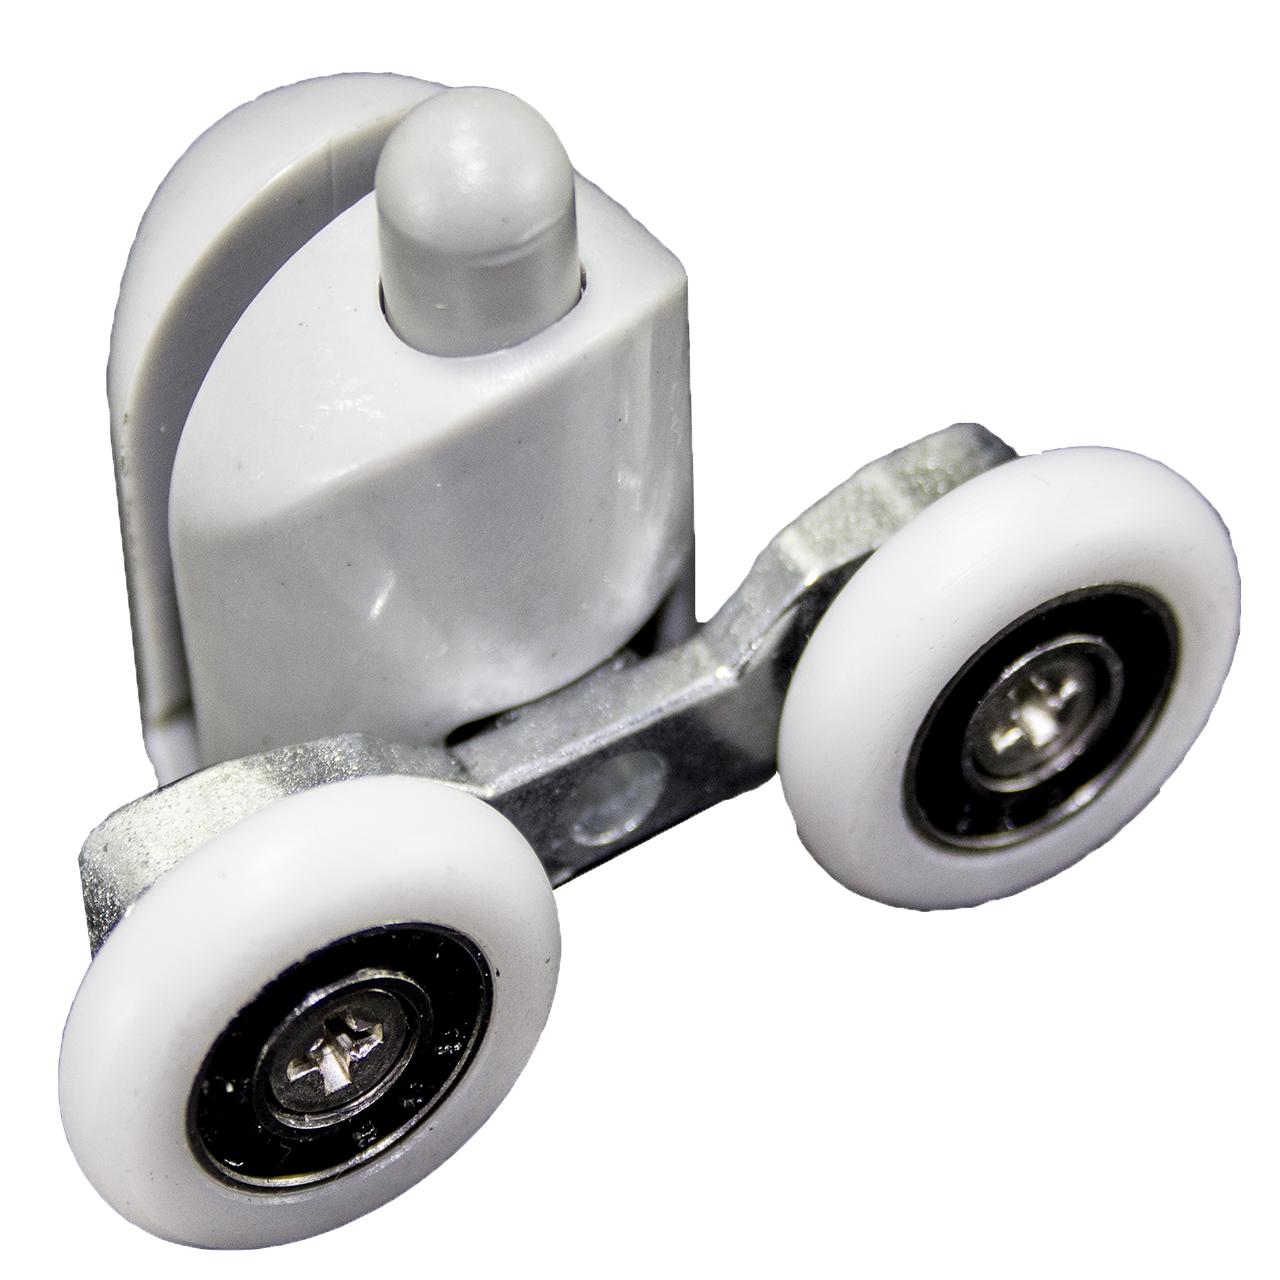 Ролик душової кабіни подвійний, нижній, натискної, сірий ( В-43 Д ) 28 мм